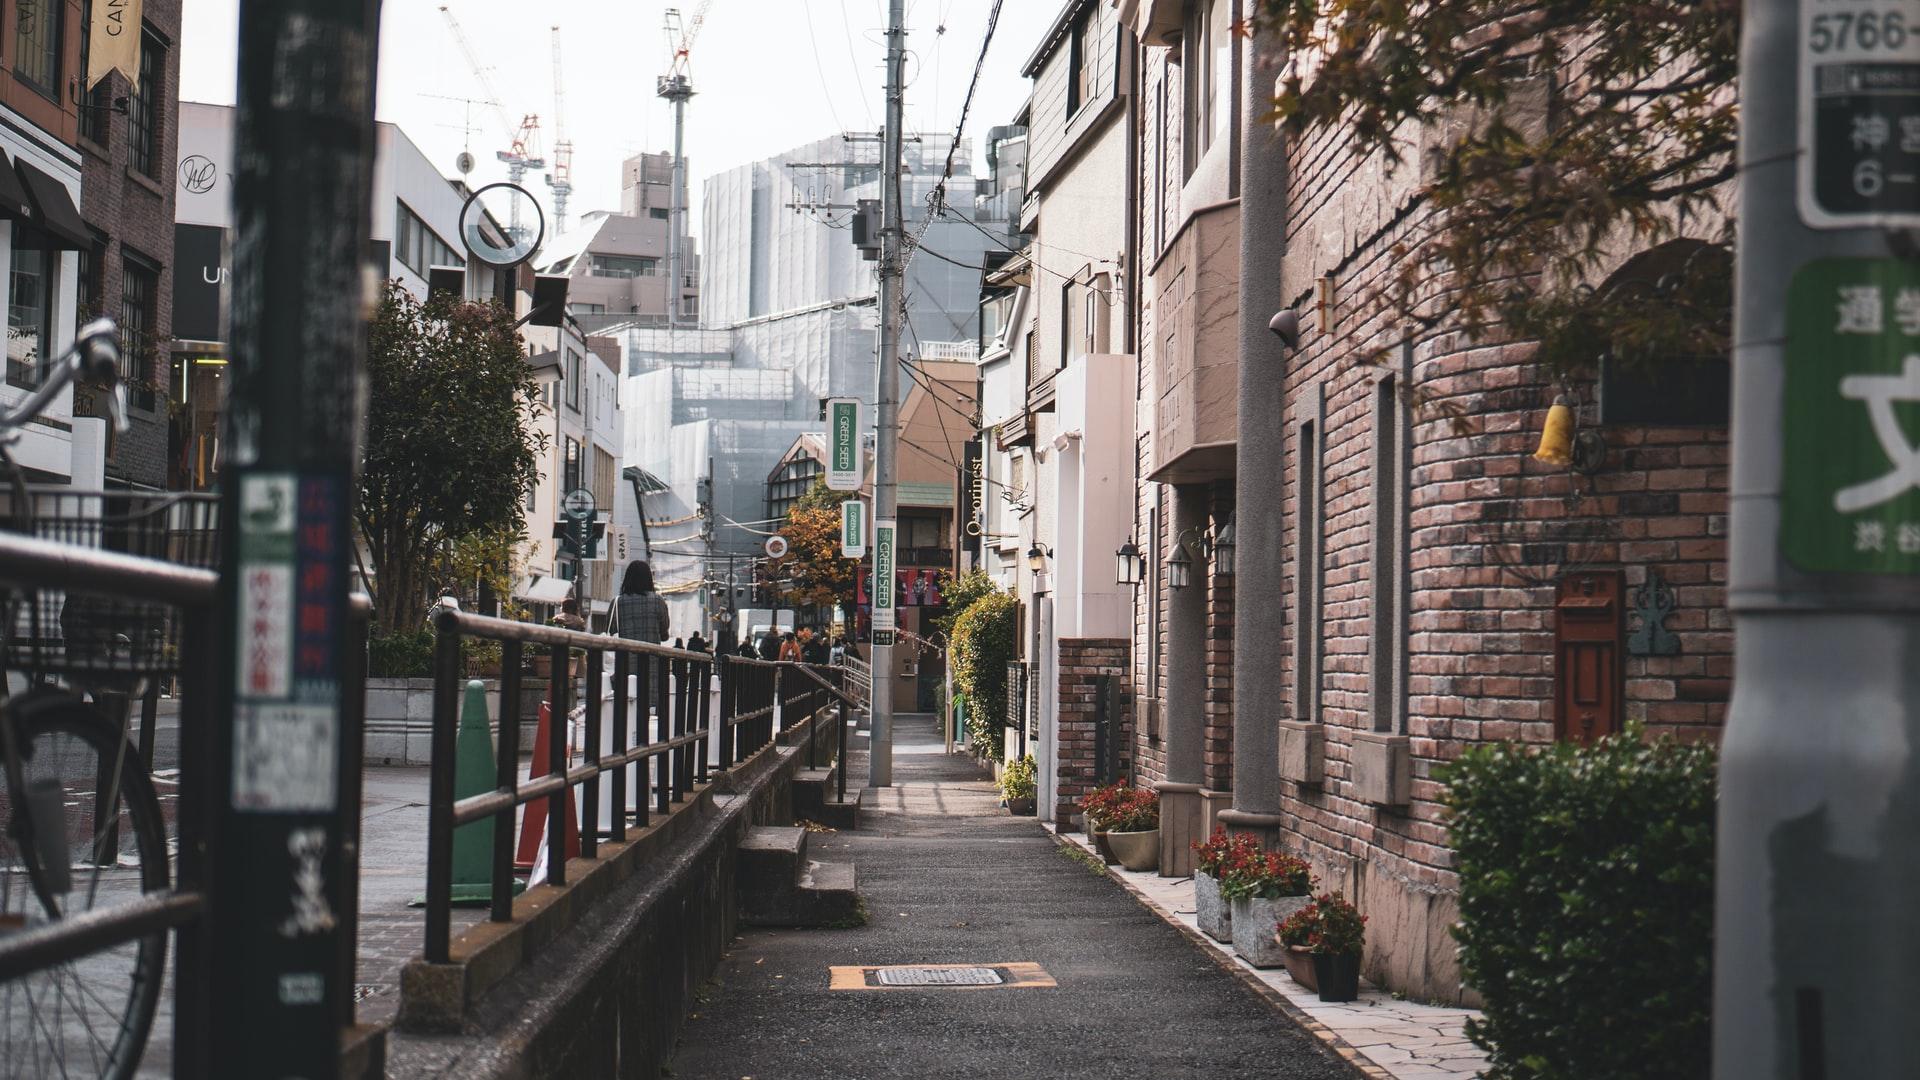 日本で貧困率が高い傾向にある地域とその要因